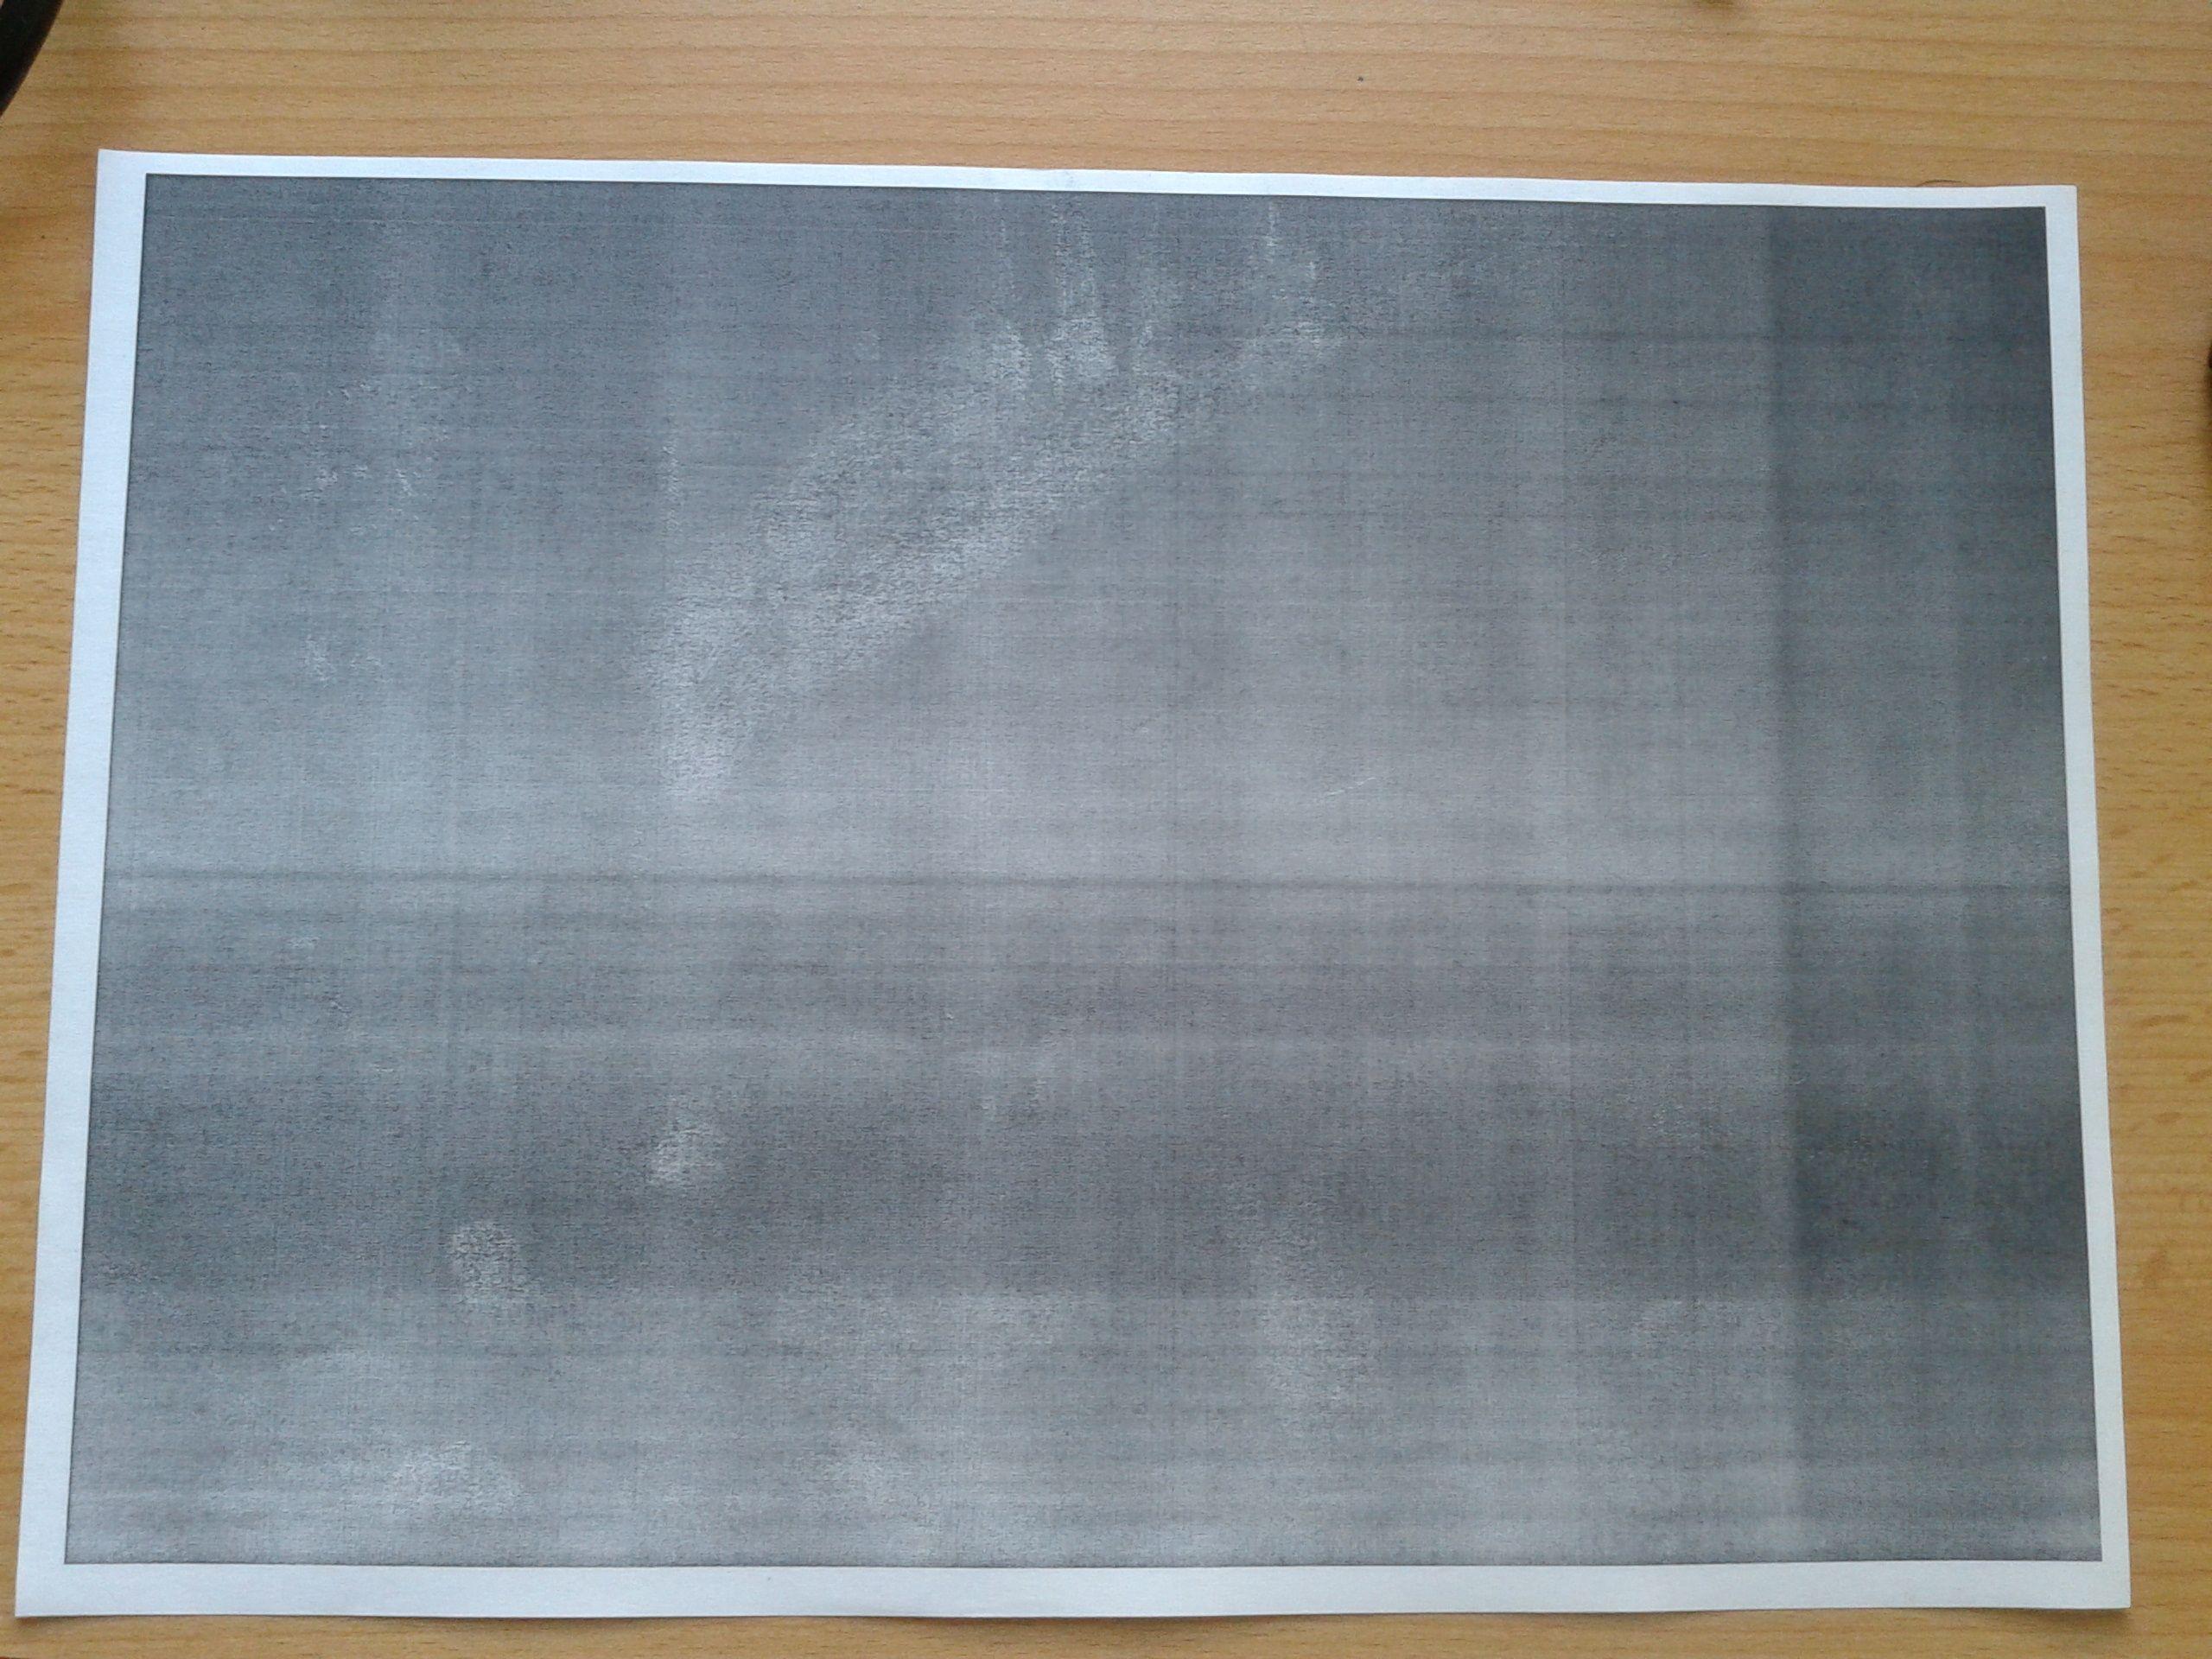 HP P2015 - Blady wydruk i do tego jakby cz�ciowo nieutrwalony